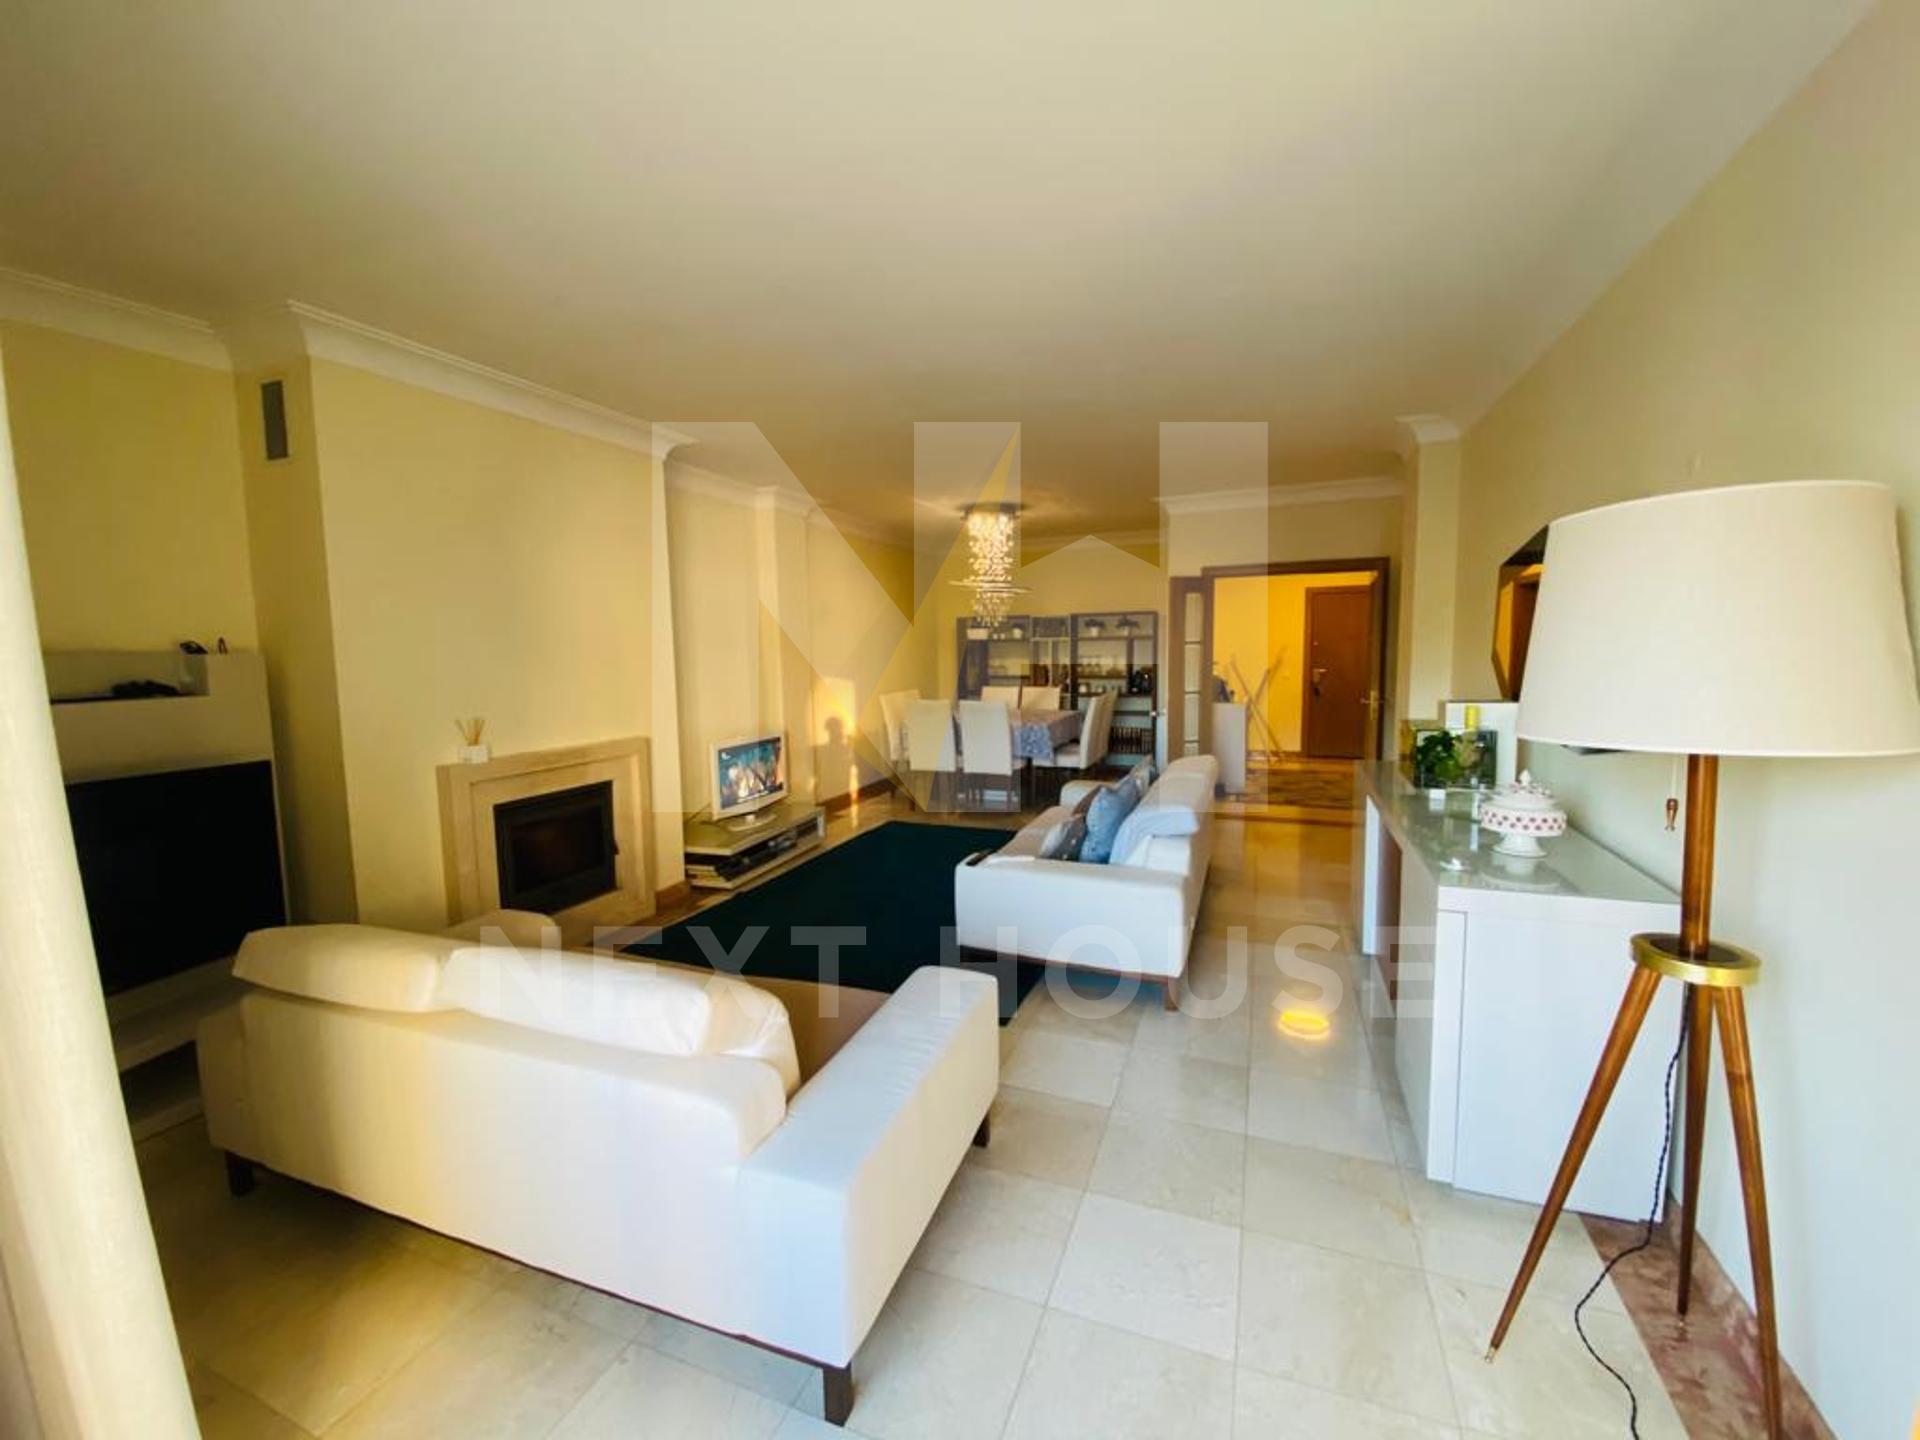 Apartamento T3 centro de Aveiro  - Aveiro, UDF De Glória E Vera Cruz